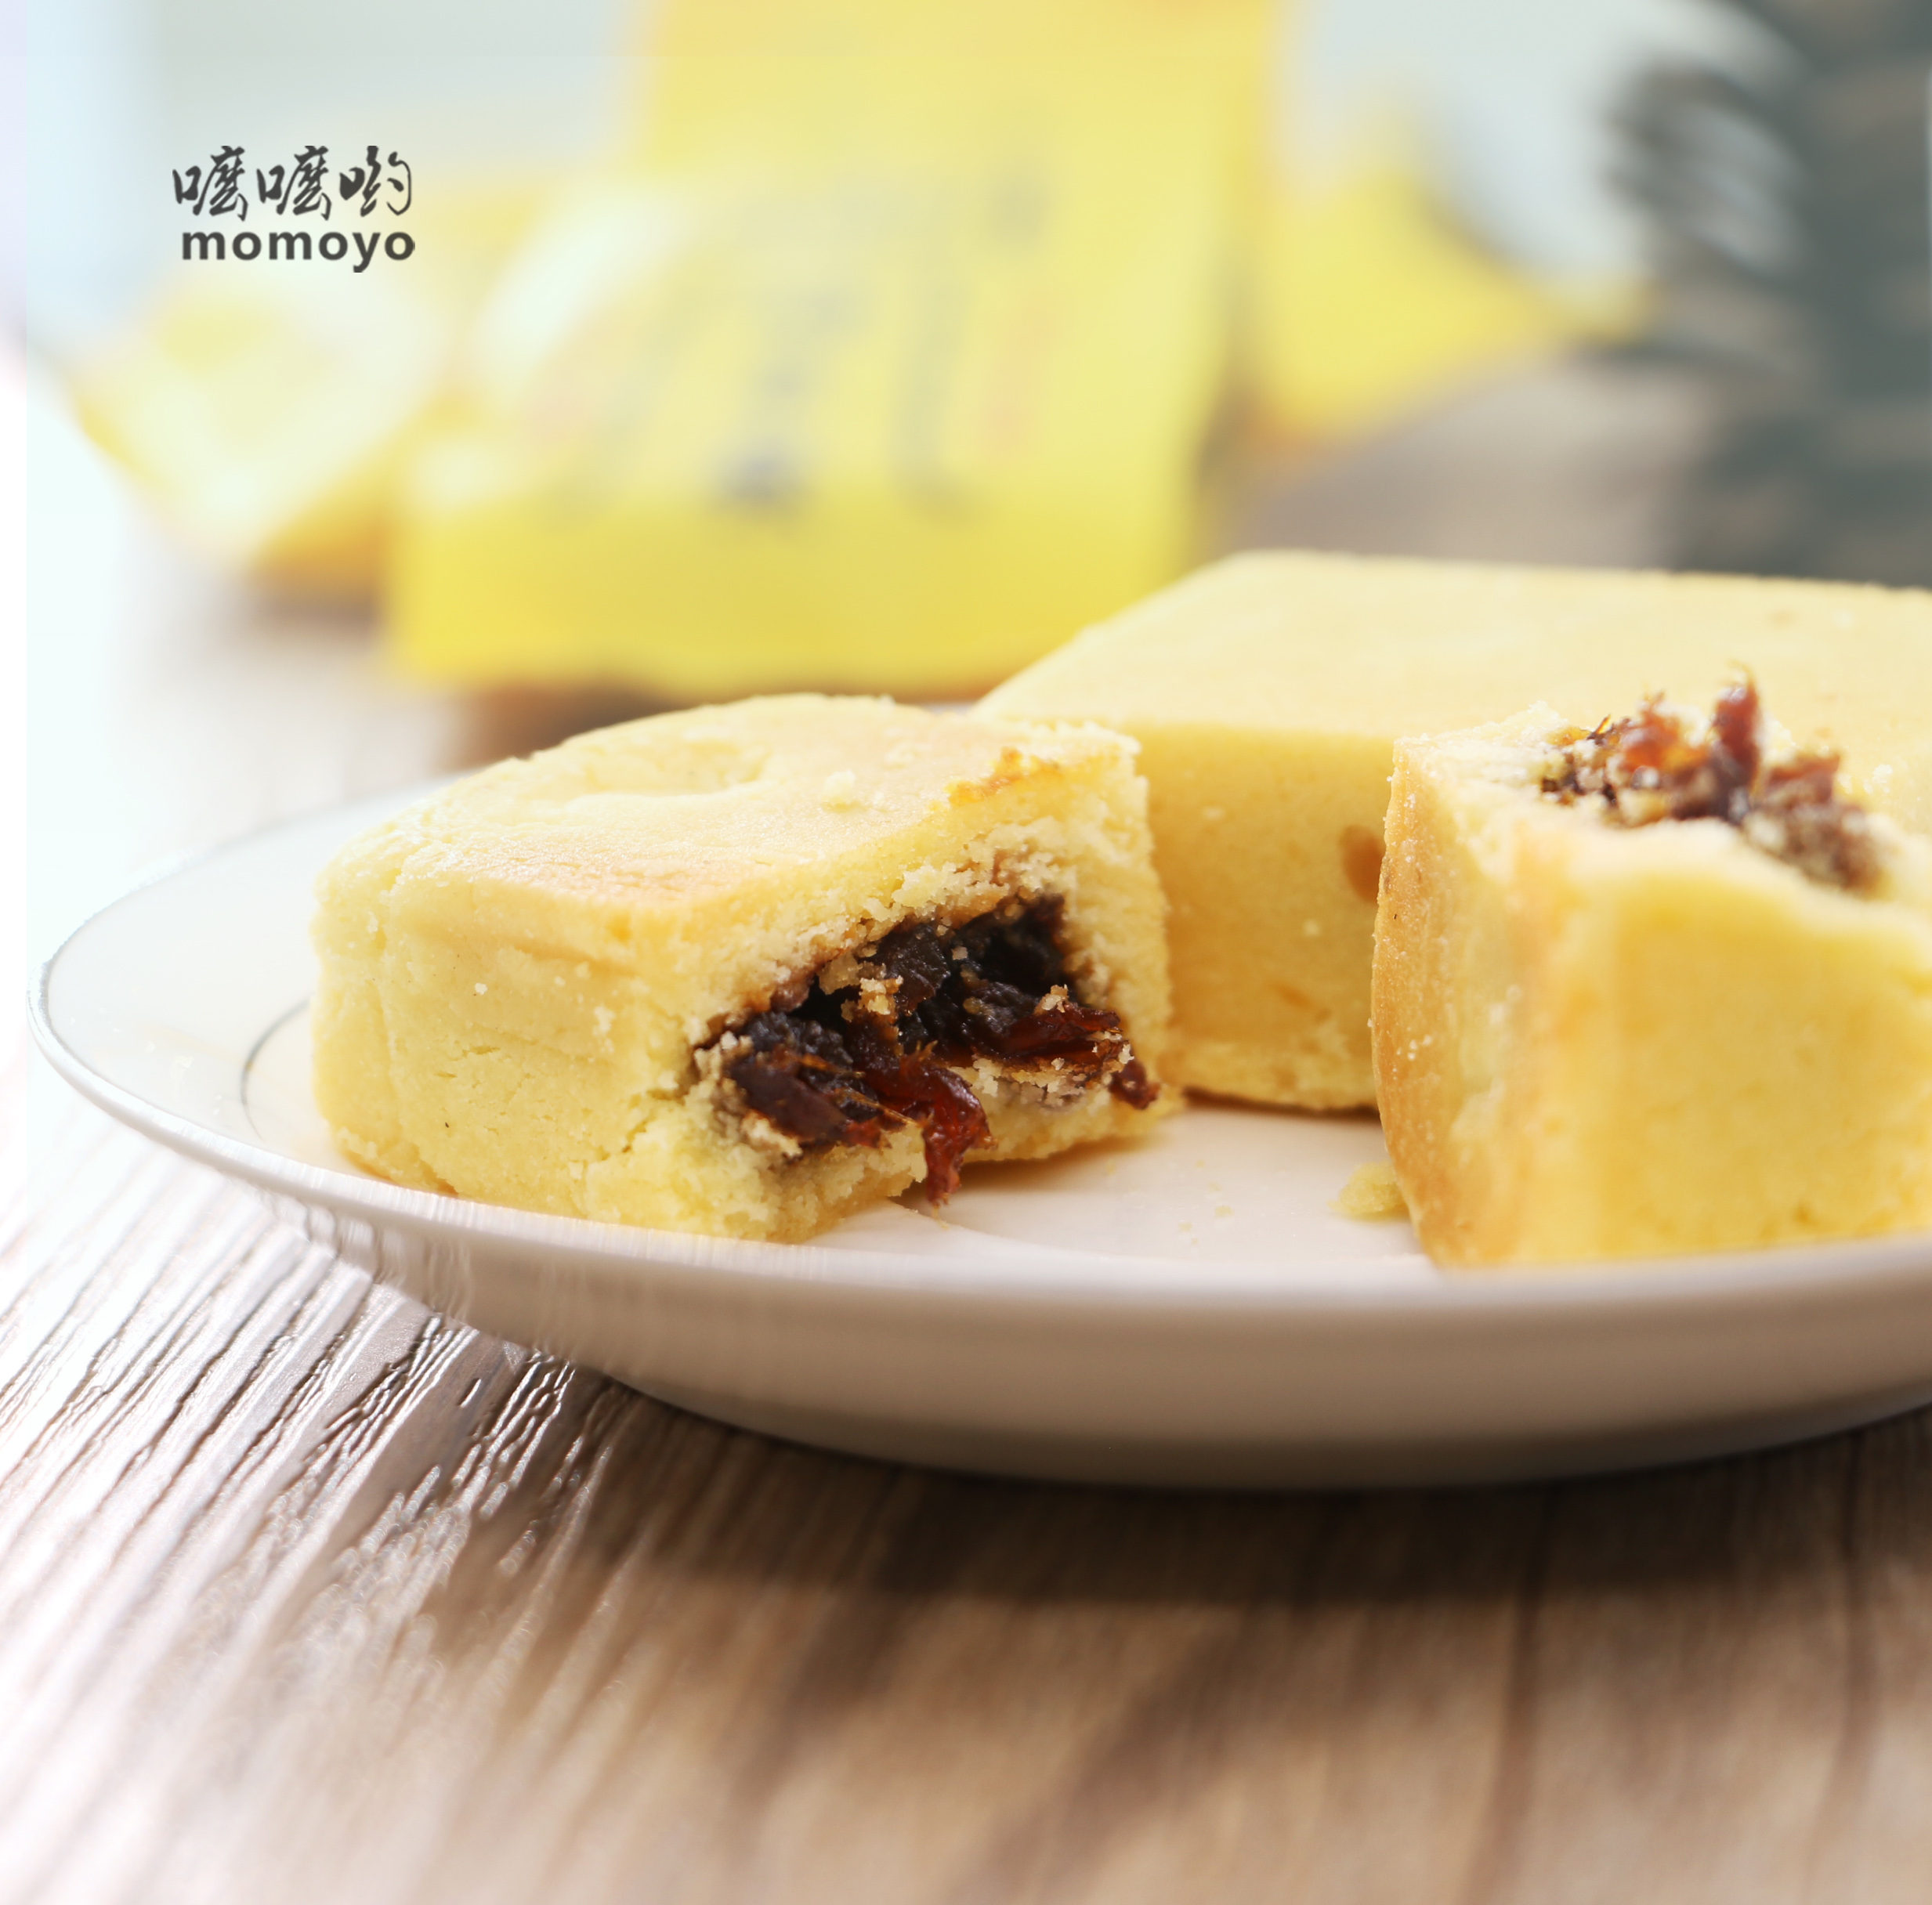 - είναι δώρο το γαλακτερό ανταλλαγή Ταϊβάν εδάφους κέικ ανανά χωρίς προσθήκη χειροποίητα καθαρή ανανά φρούτα πλήρωσης